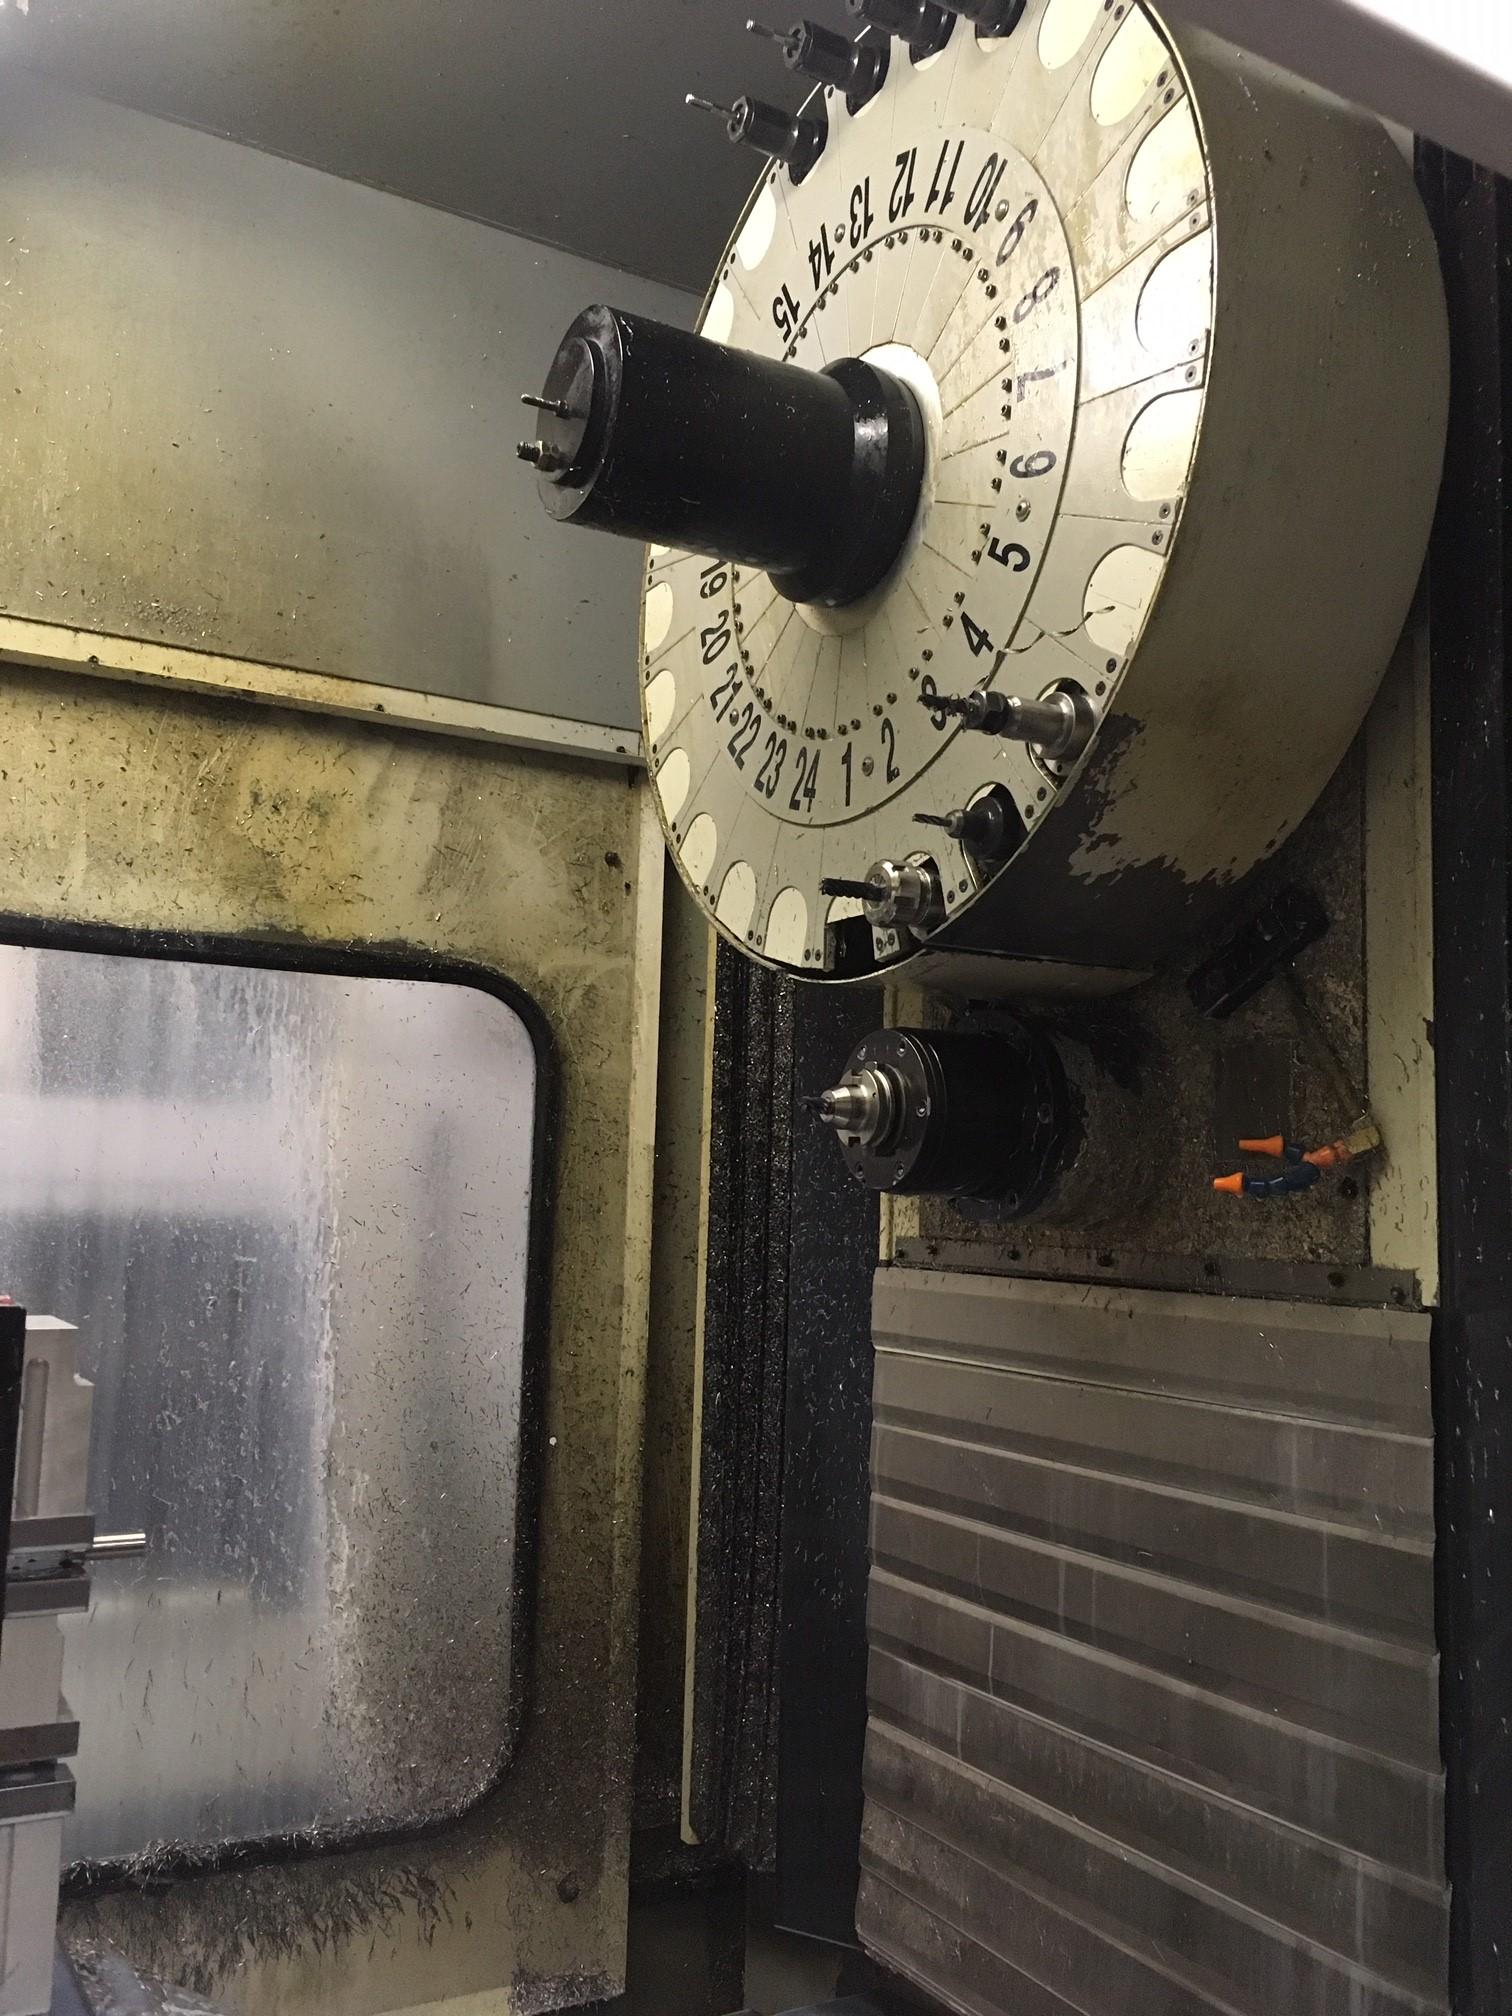 HAAS1999 Haas HS-1RP, full 4th Axis, 7500 RPM